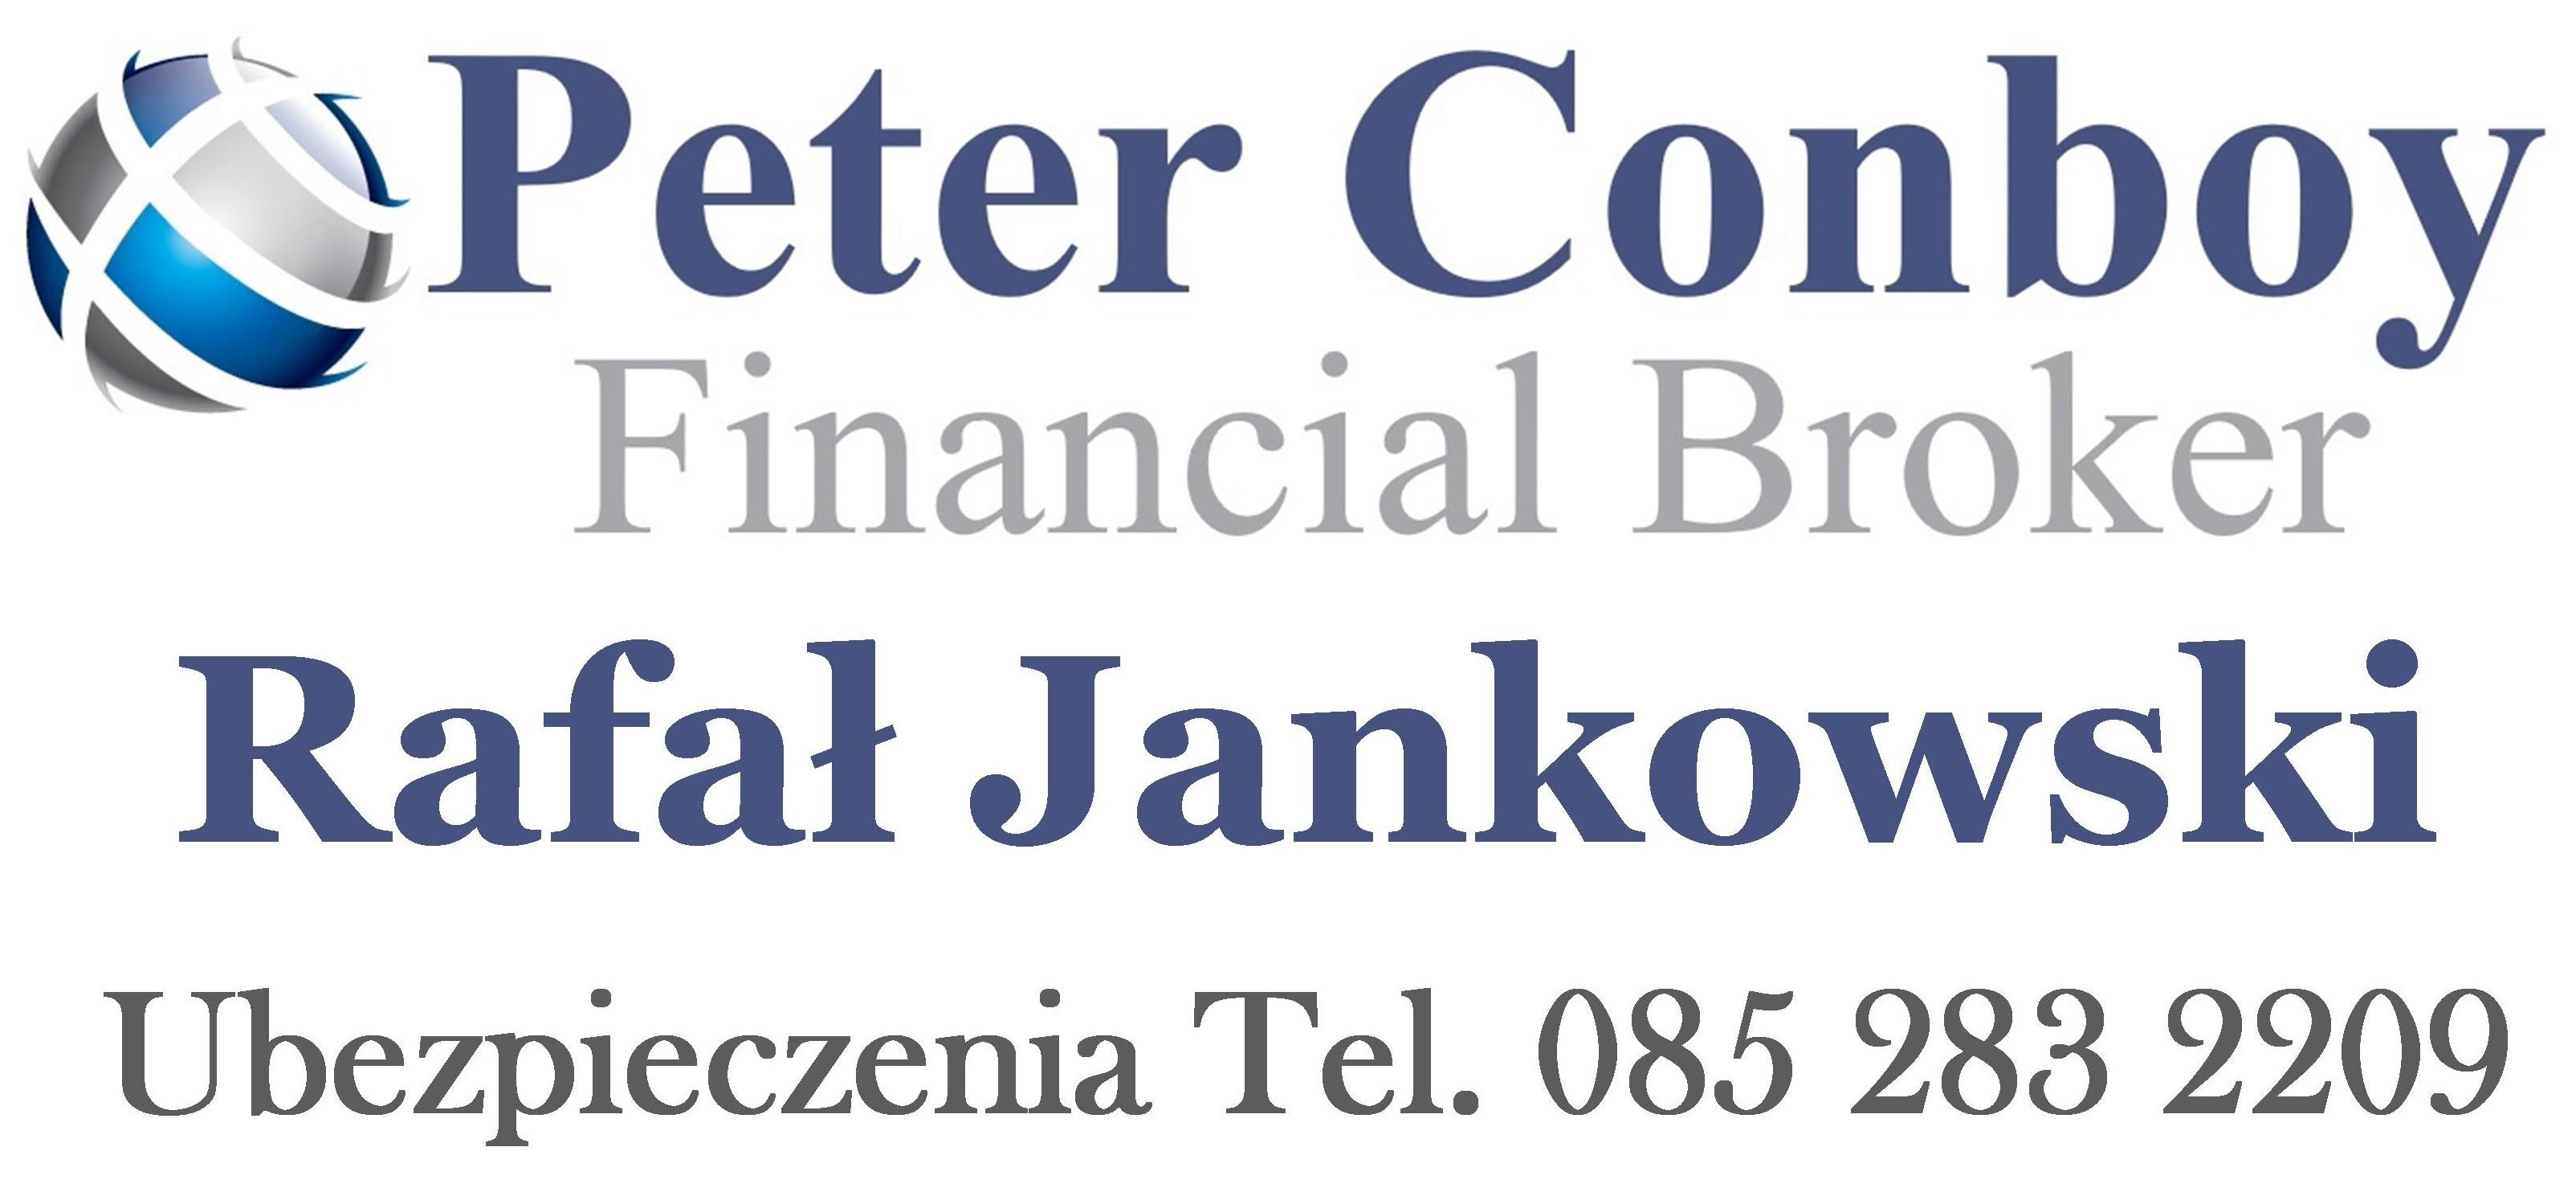 Rafal Jankowski Peter Conboy